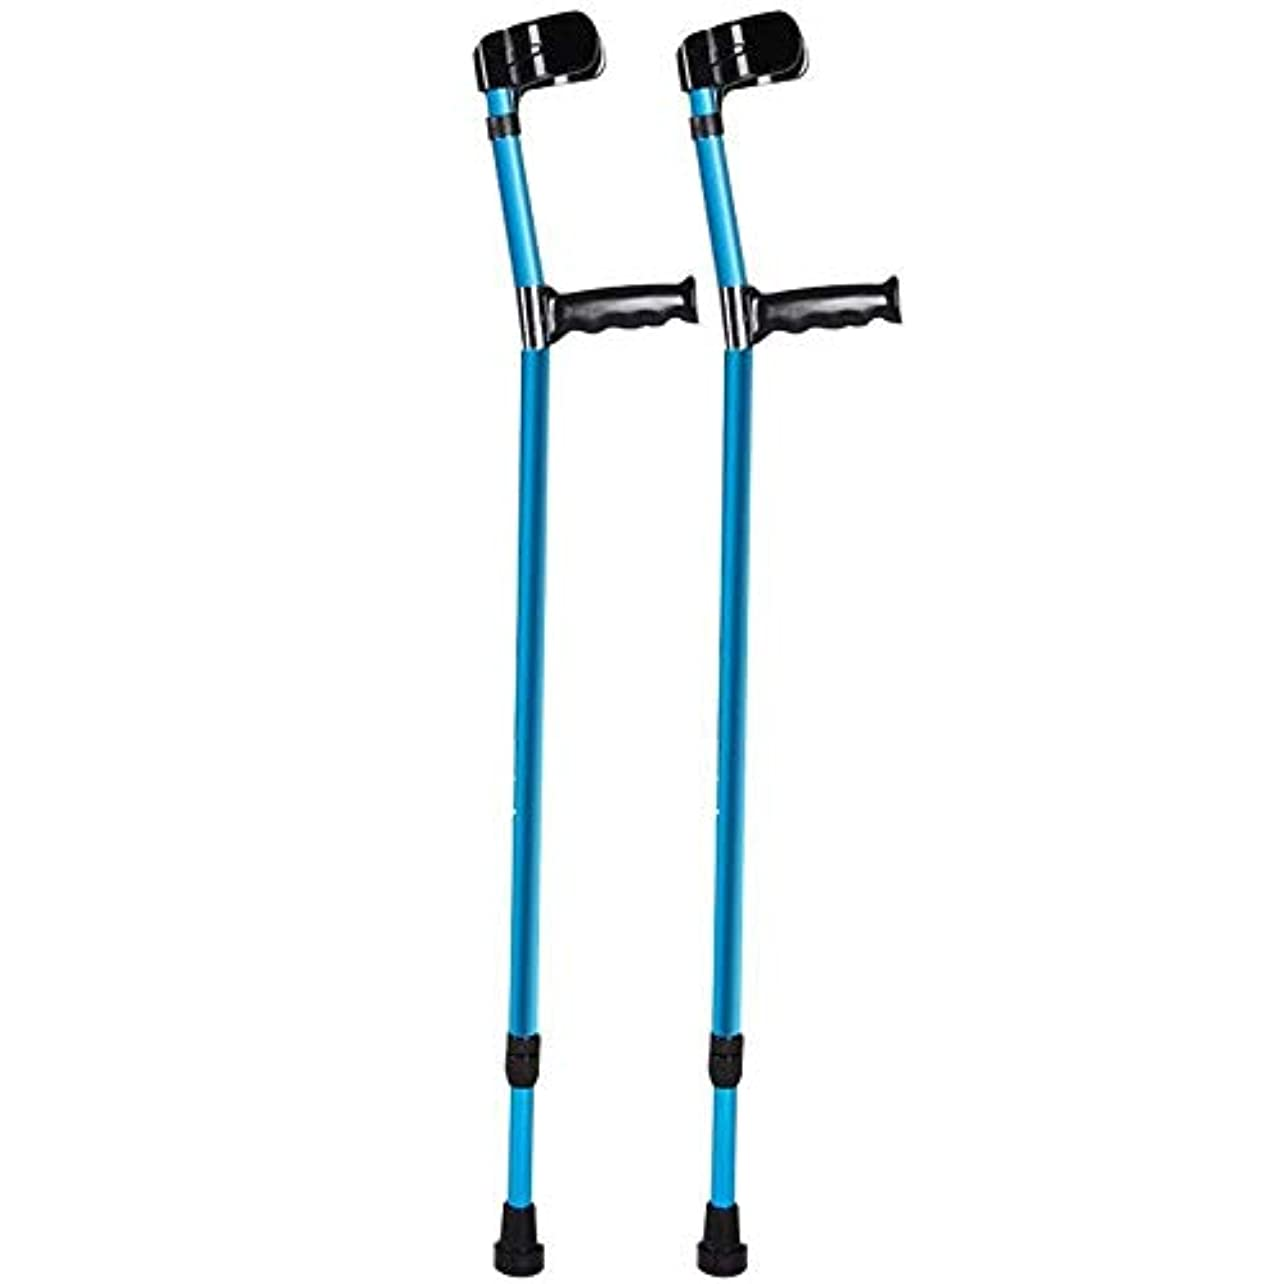 喜んで結果として上に築きます青い快適な前腕の杖、障害のある傷つけられたアルミ合金の折り畳み式松葉杖 - サポート安全補助バランス、歩行補助器具の高さ調節可能な杖 (Color : Blue*2)